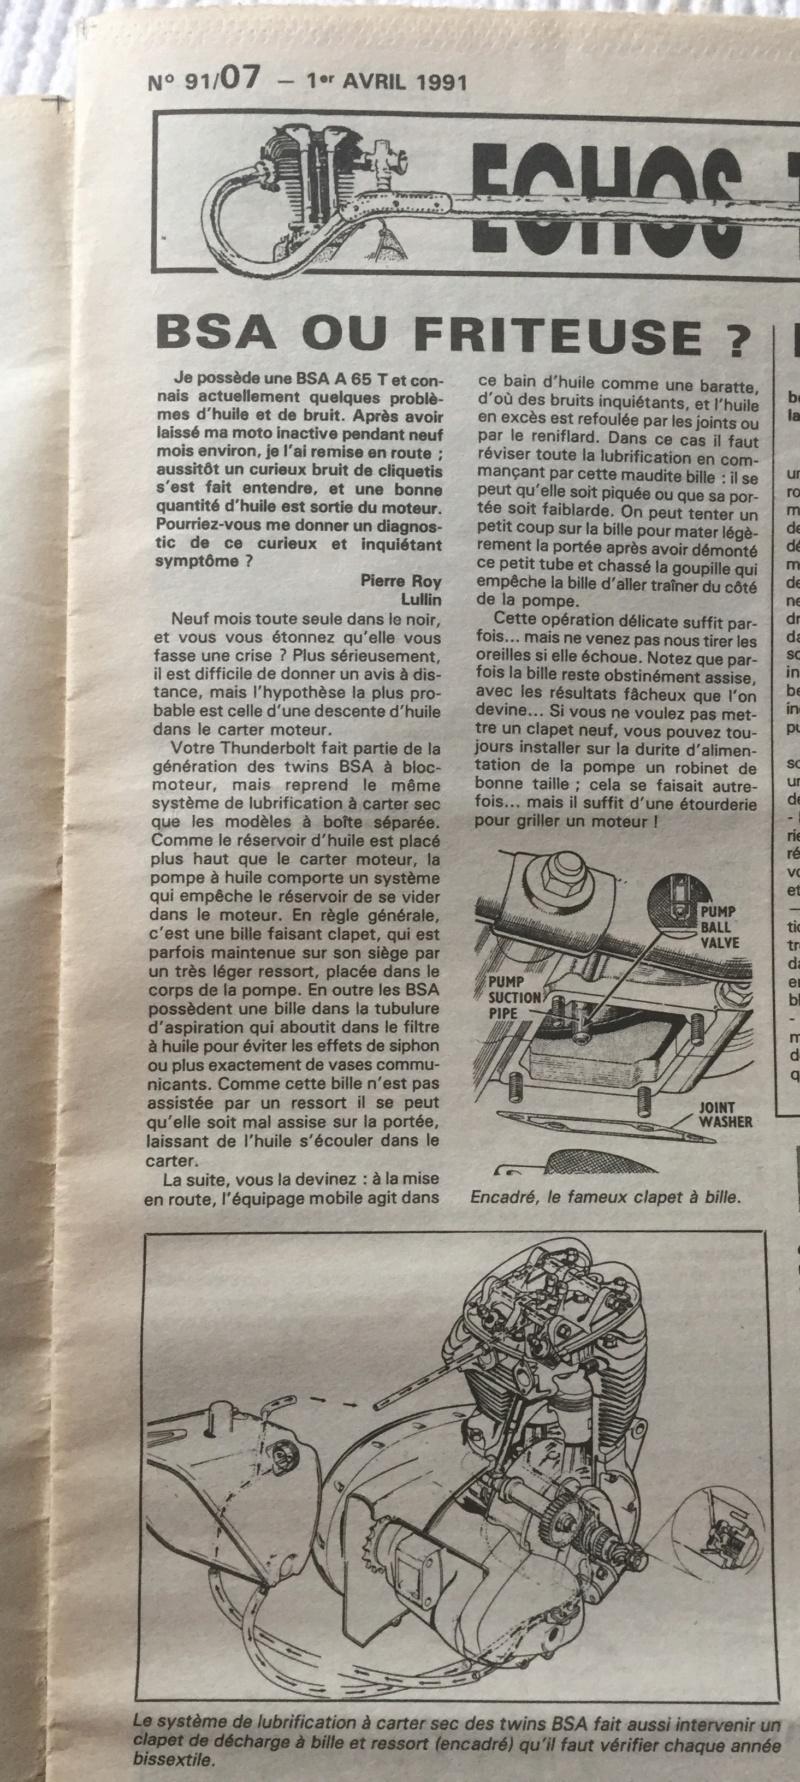 vanne sur réservoir d'huile avec antidémarrage. - Page 2 2aad2910